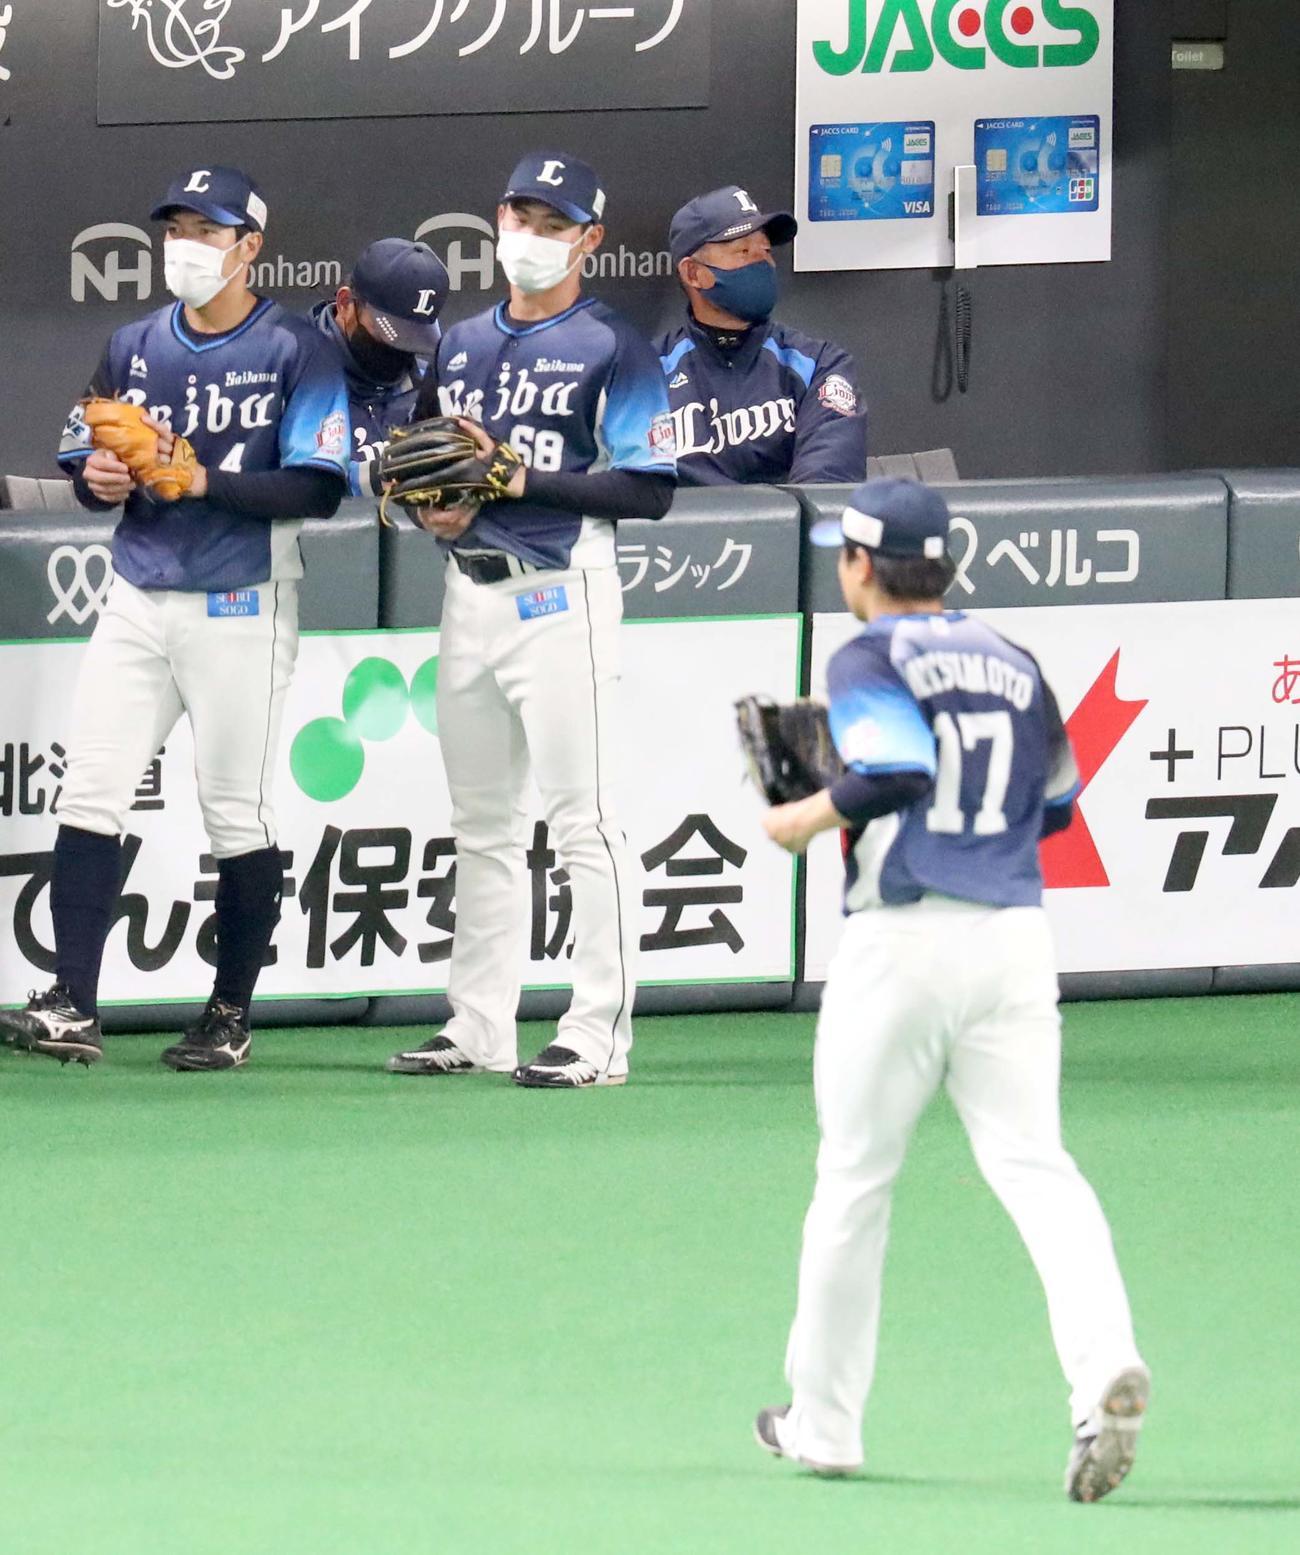 3日の日本ハム対西武 4回裏日本ハム2死満塁、中島に押し出しとなる四球を与え降板する西武松本(右手前)。右奥は辻監督(撮影・佐藤翔太)